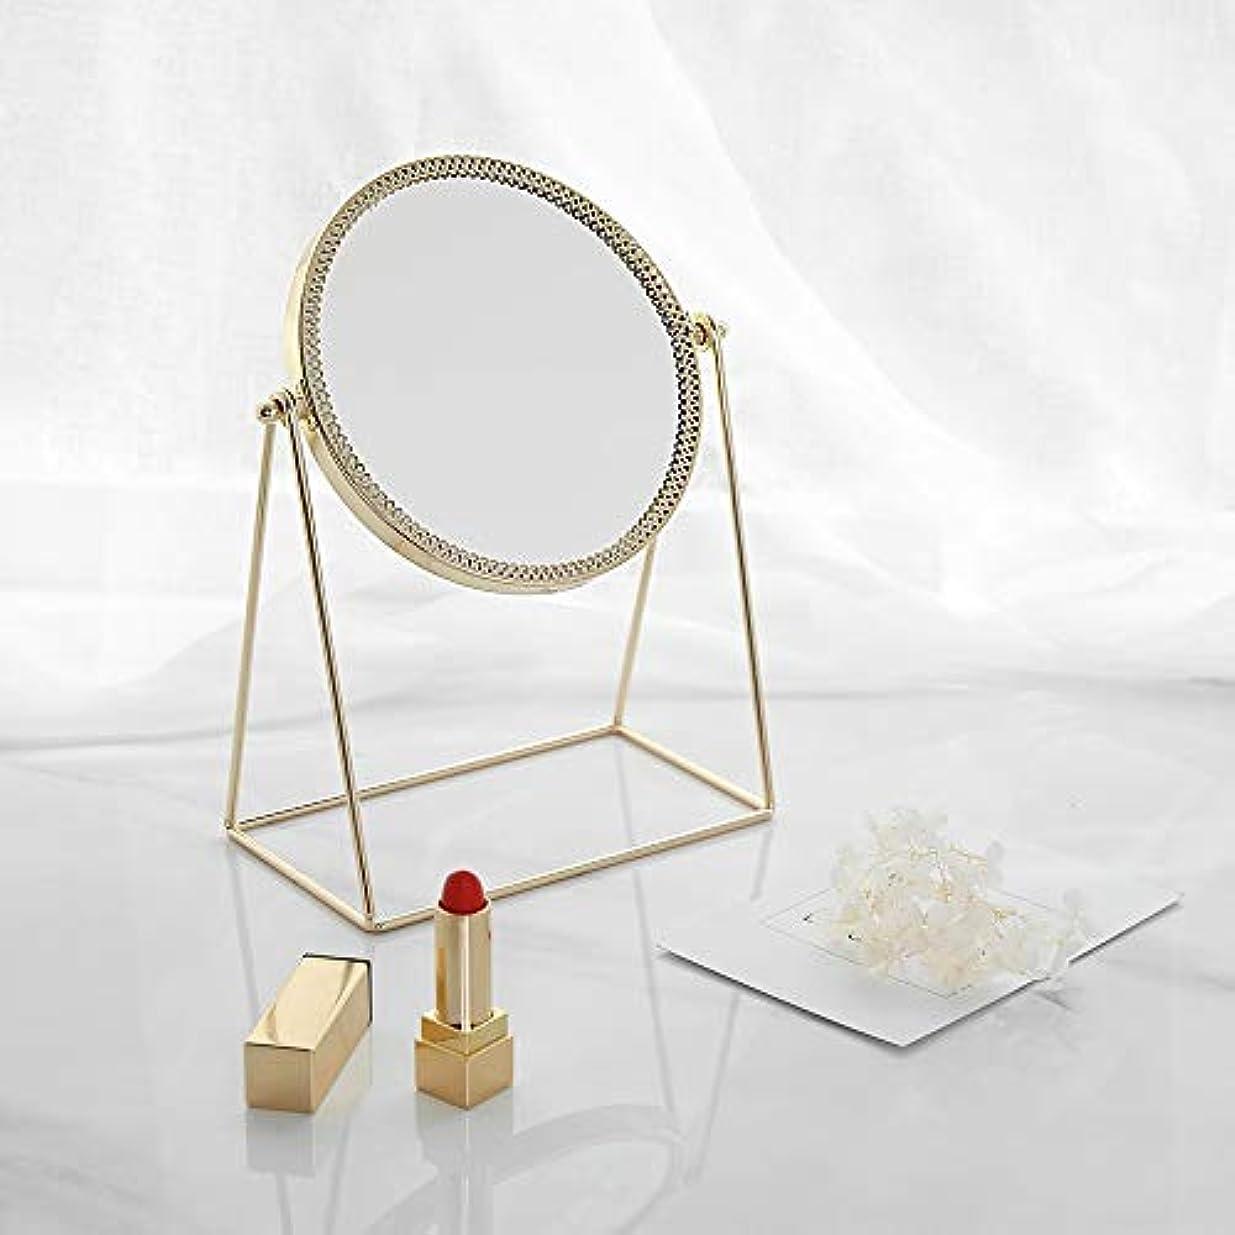 つま先バータードレス流行の 現代の創造性ゴールドラウンドアイアンフレーム+ミラーデスクトップミラー/化粧鏡